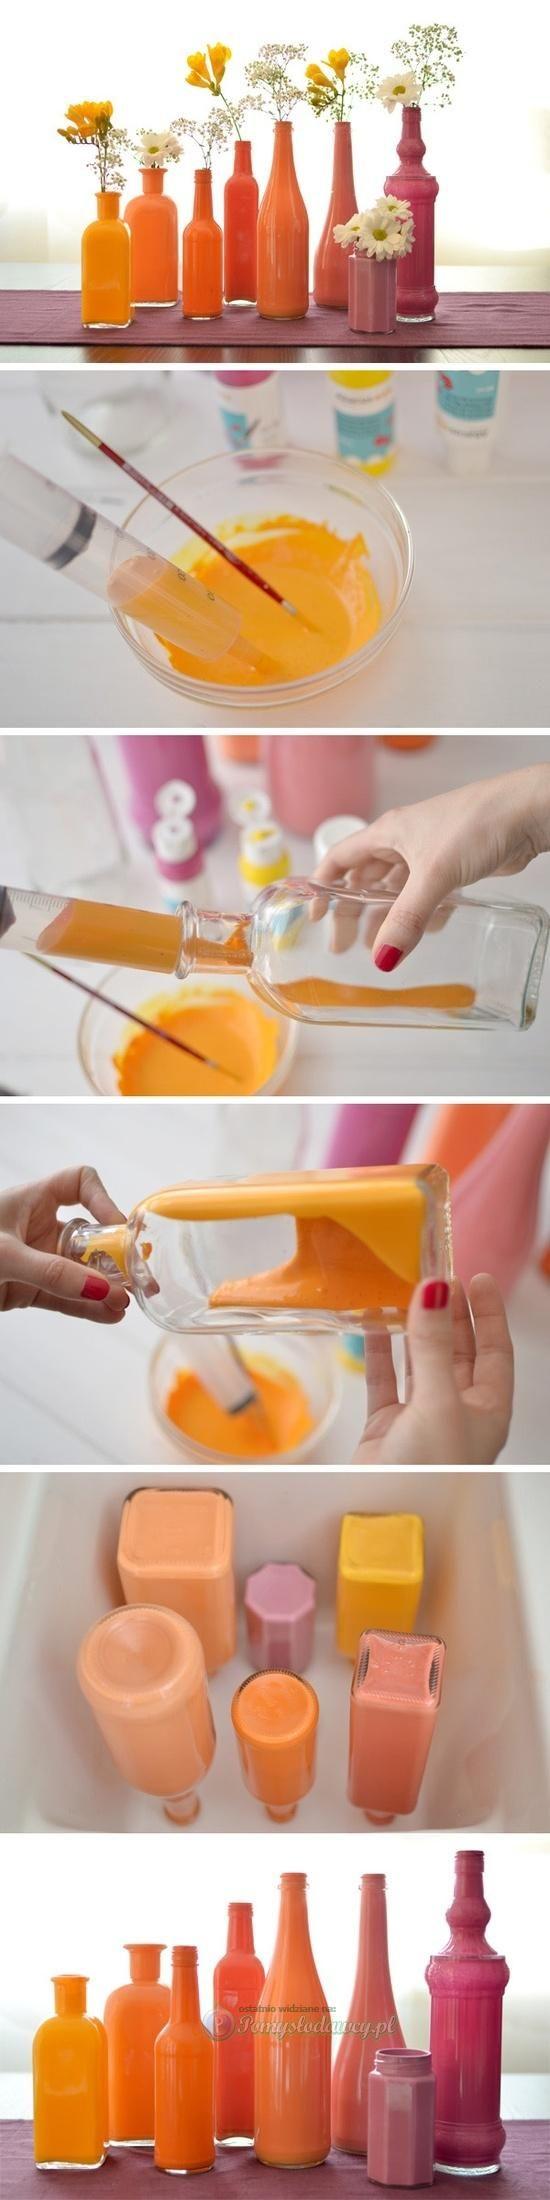 Flaschen färben